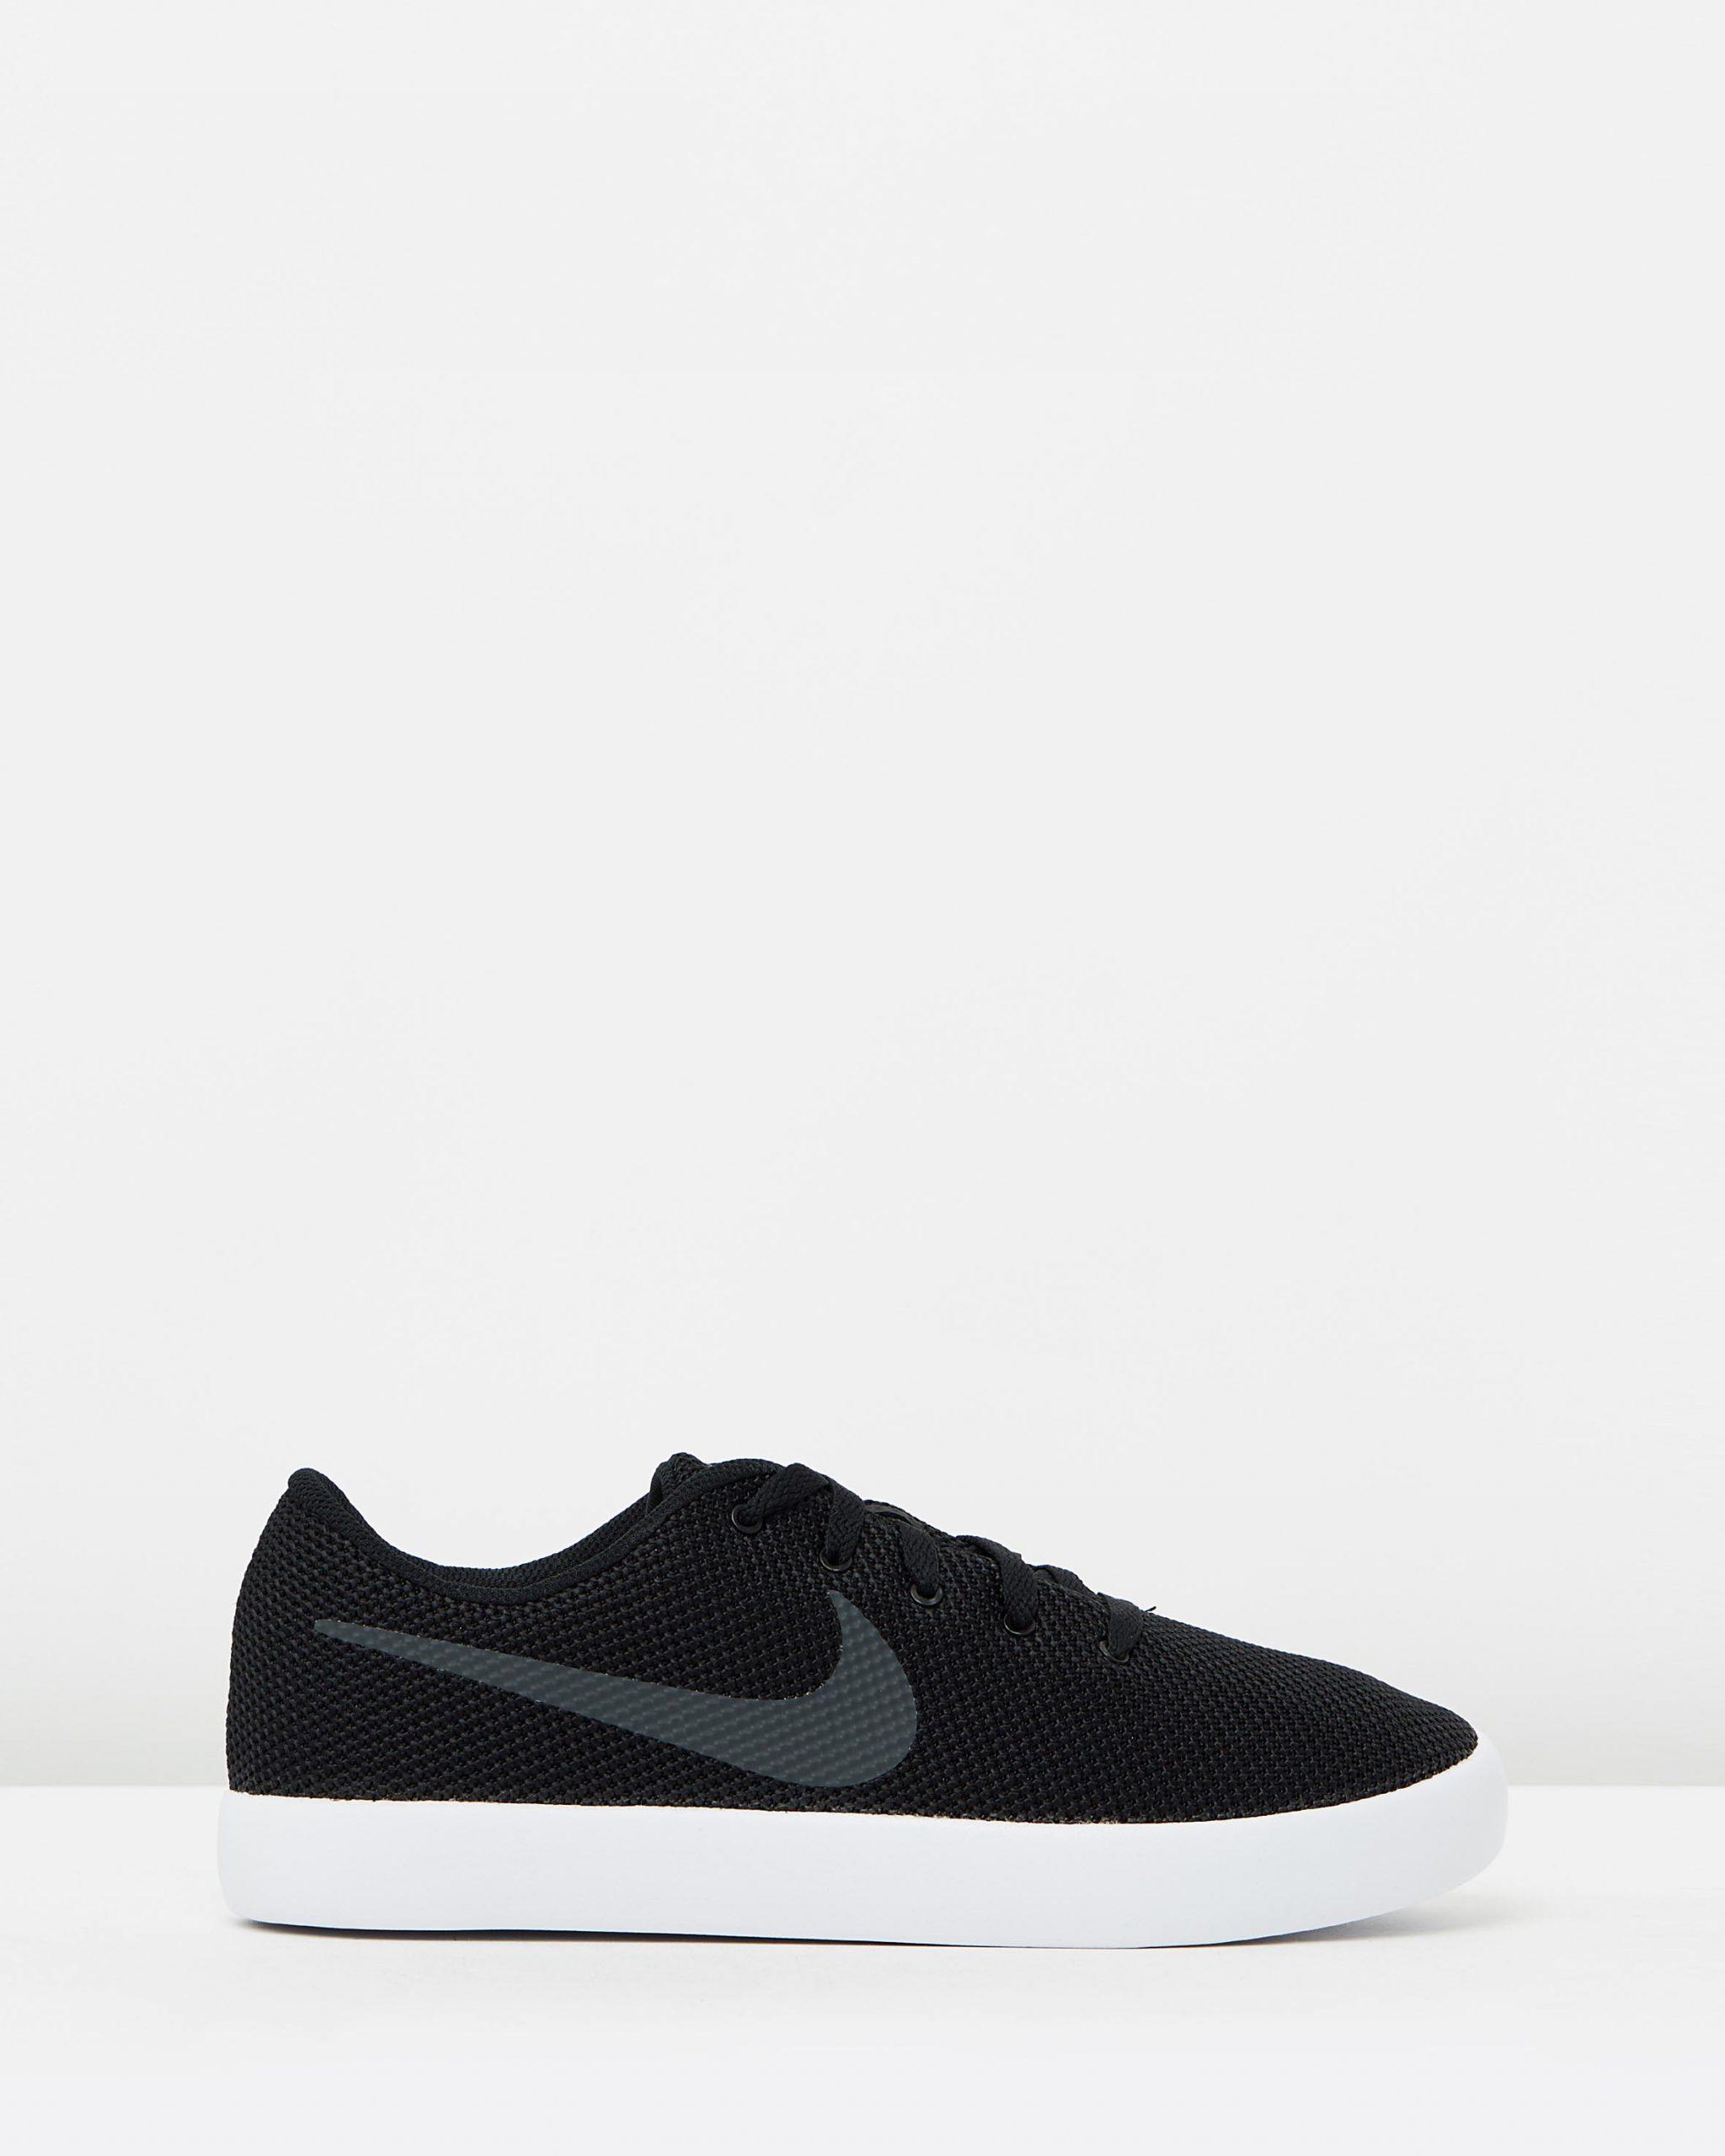 Men's Nike Essentialist Shoes